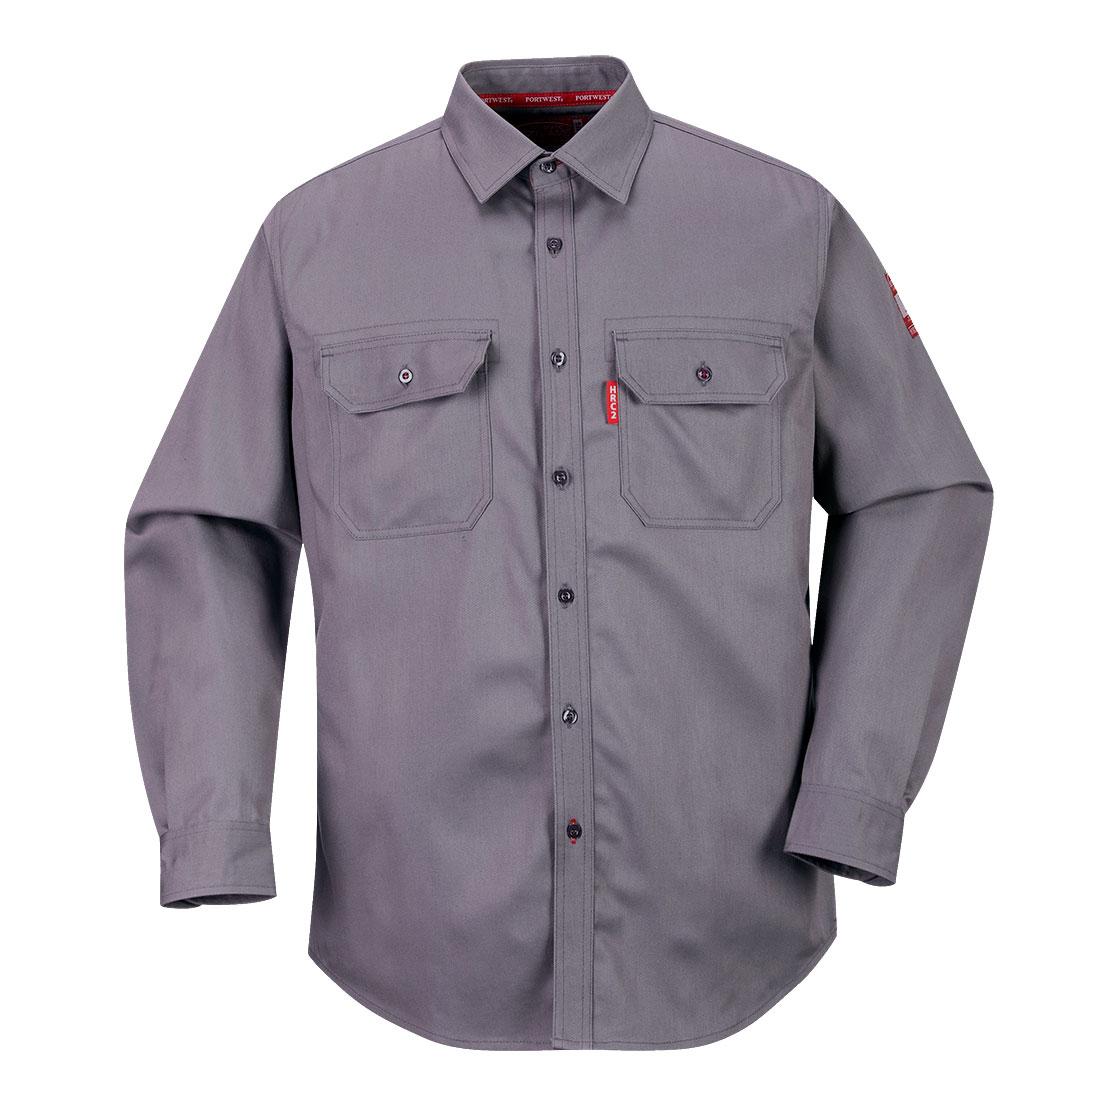 Bizflame Shirt 88/12 Grey S